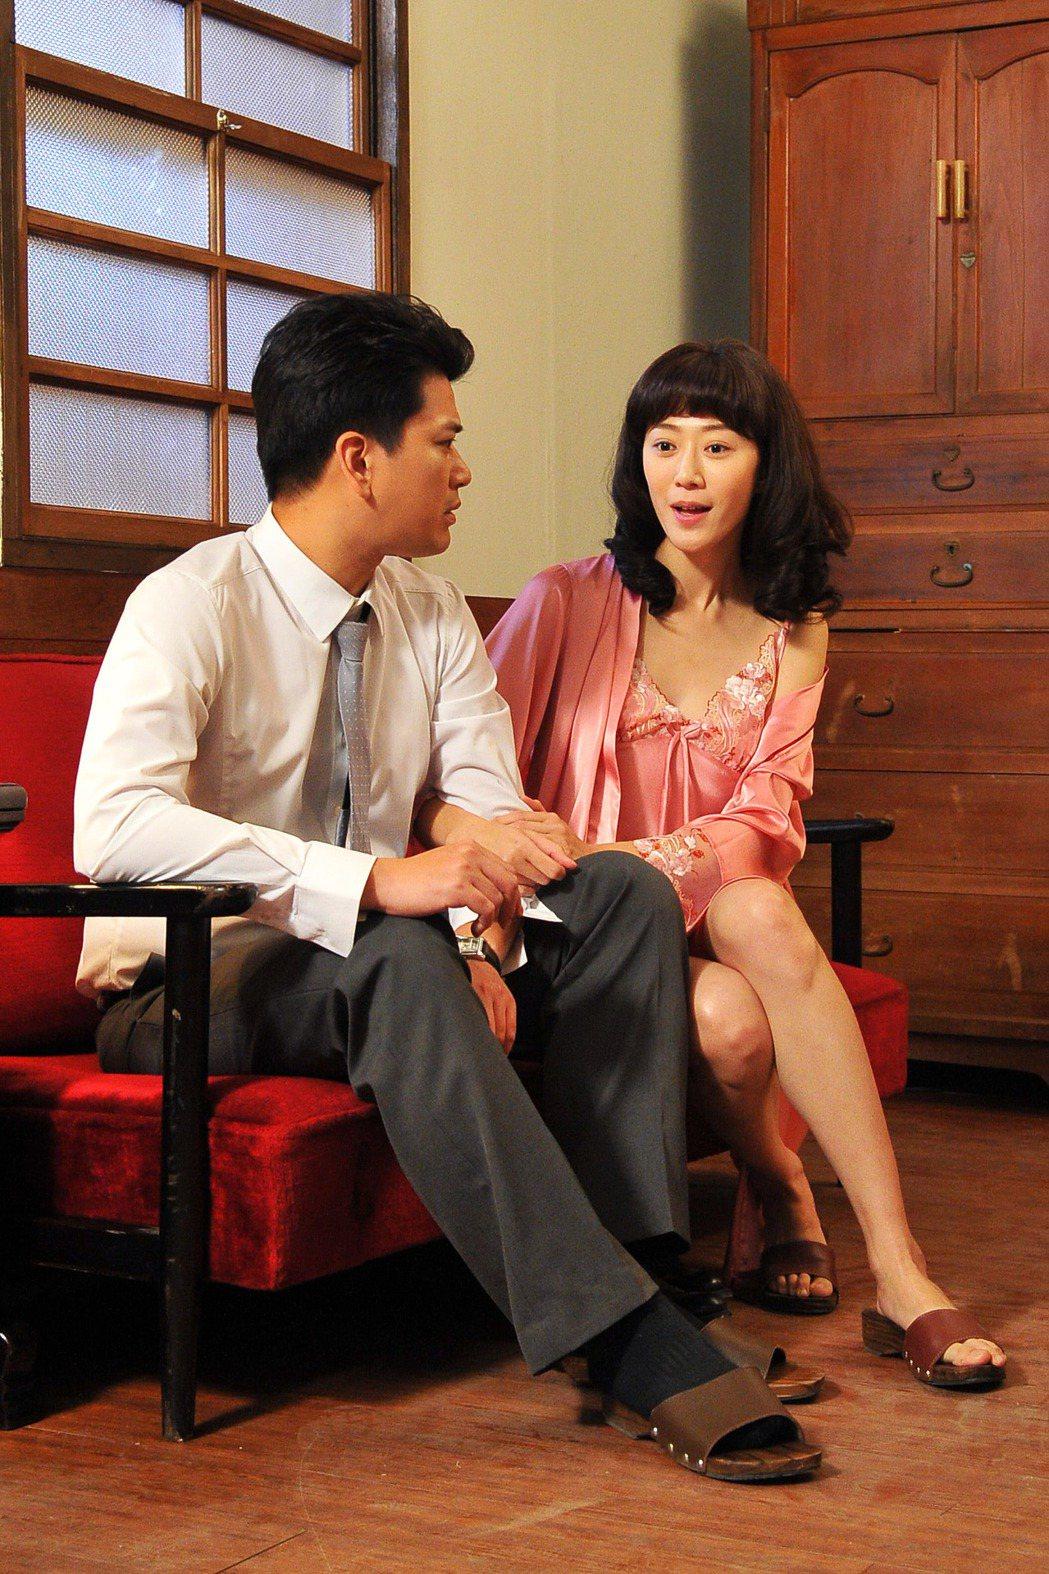 許蓁蓁(右)劇中色誘潘逸安。圖/台視提供